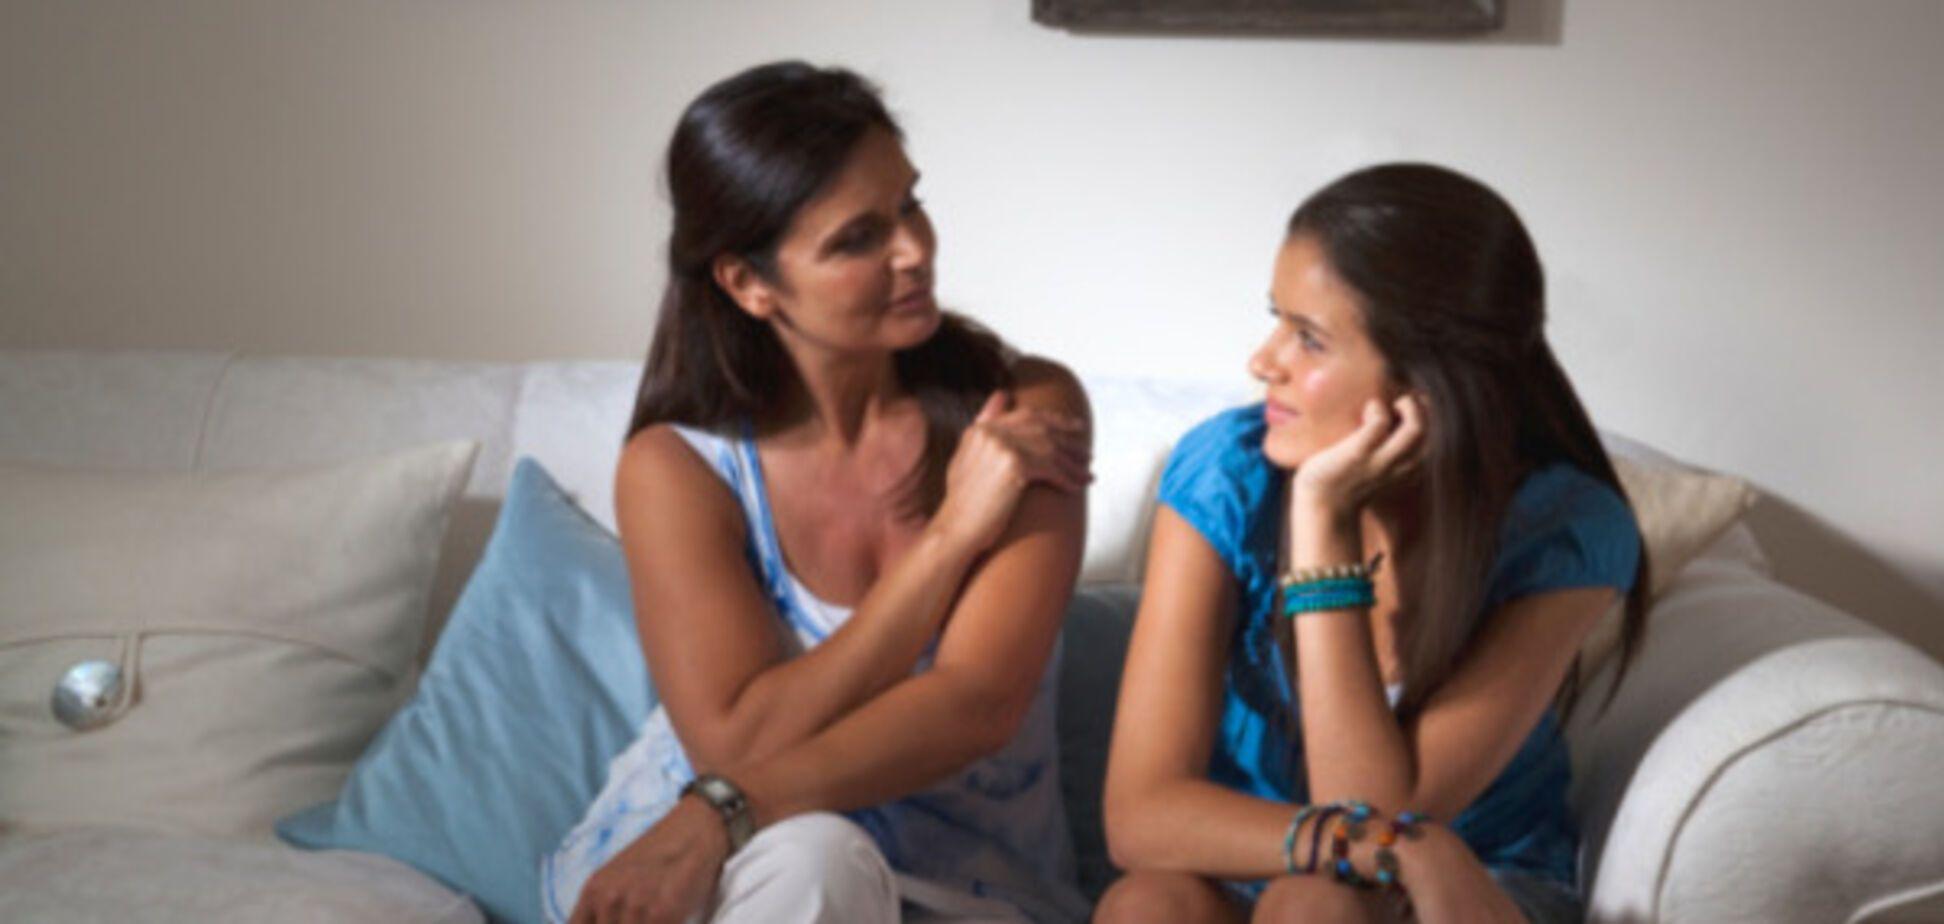 Демонстративный суицид: психолог объяснила, как родителям реагировать на игры со смертью